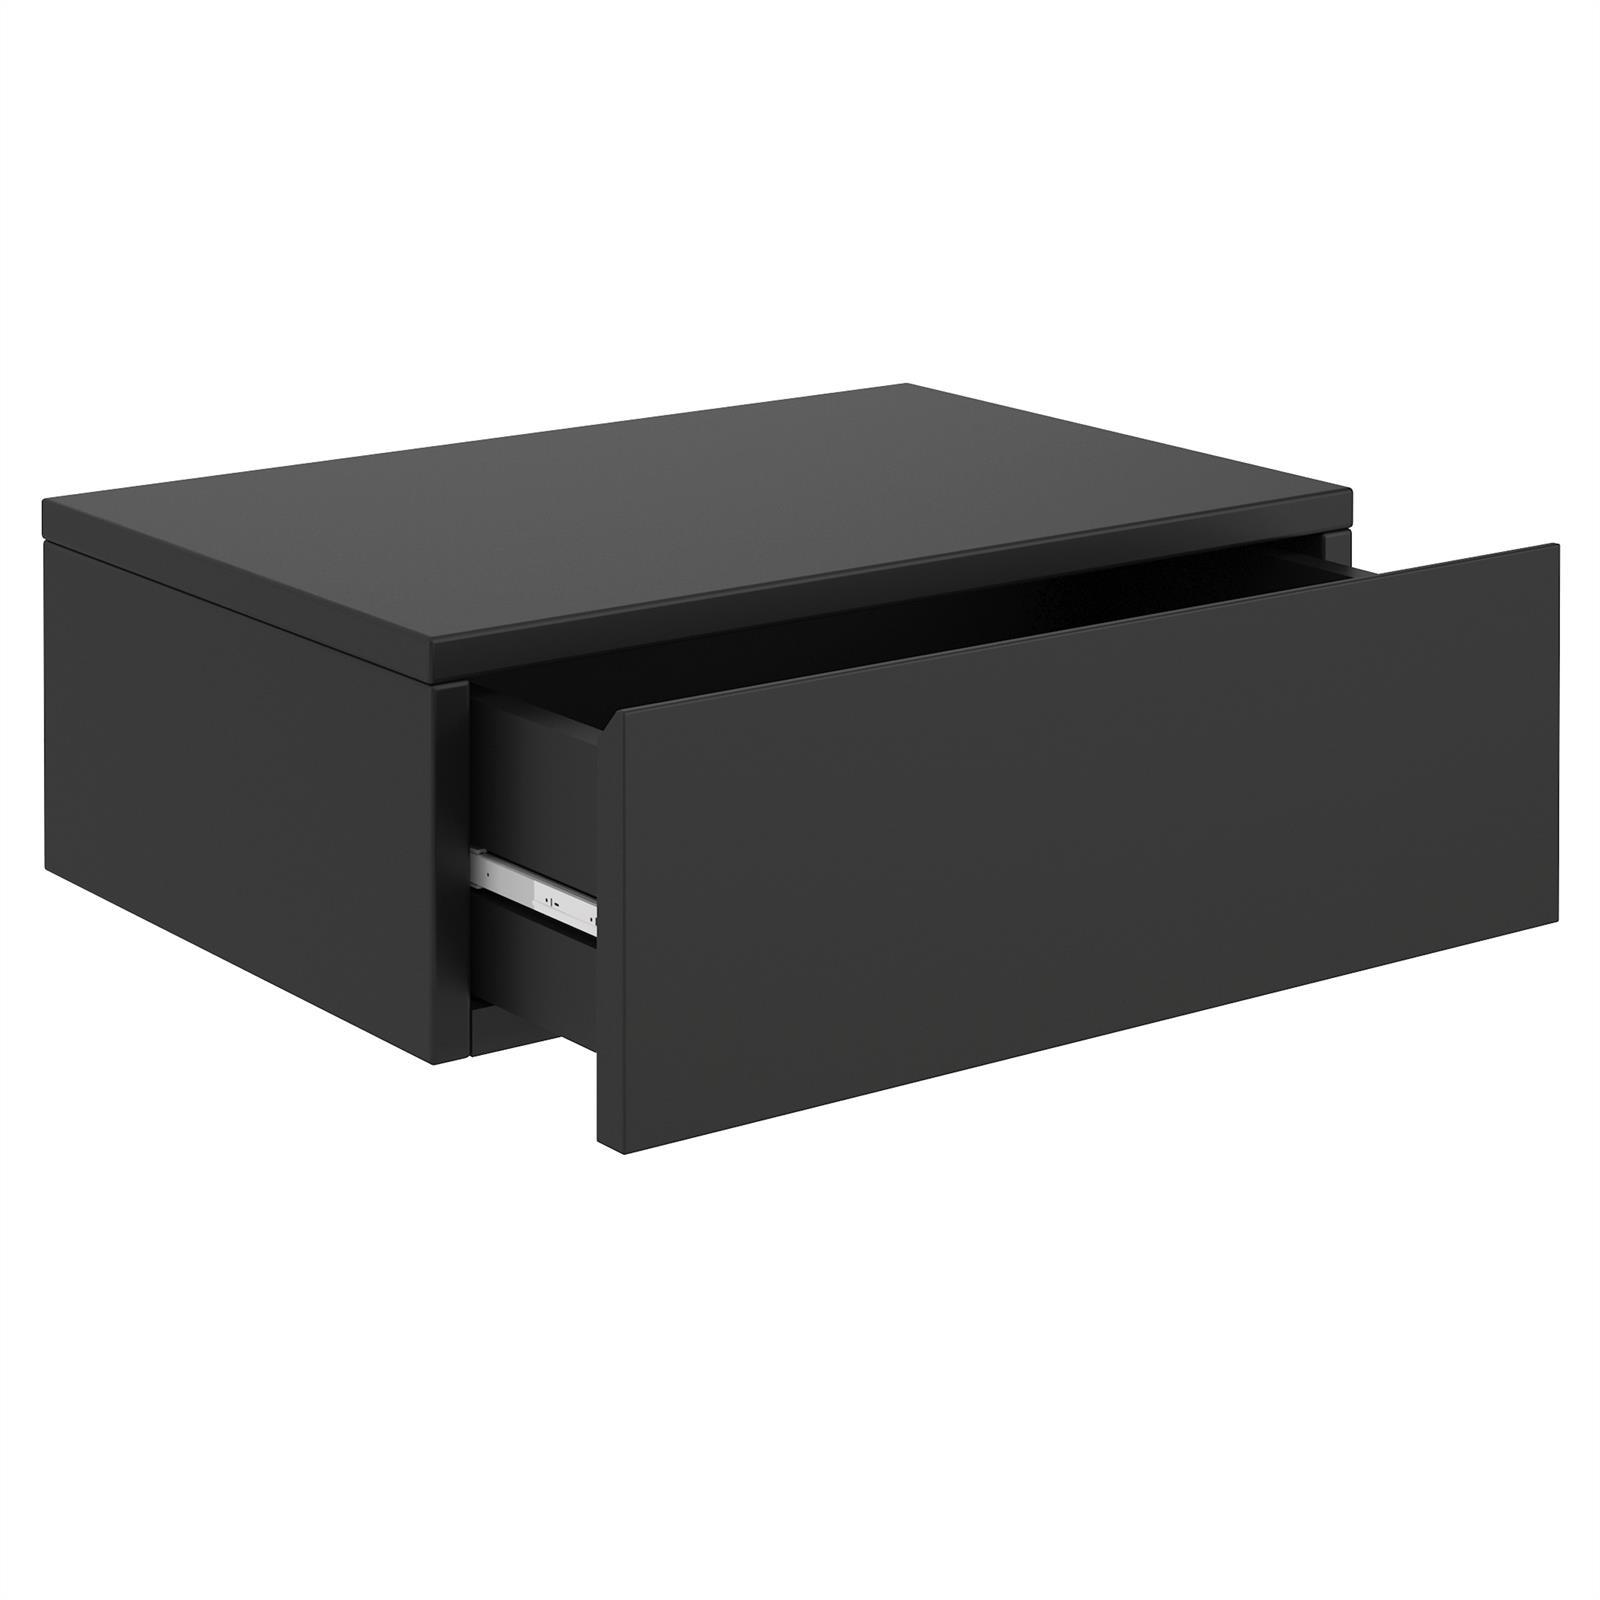 Hängende Nachtkommode ANNE mit 1 Schublade, schwarz günstig online kaufen